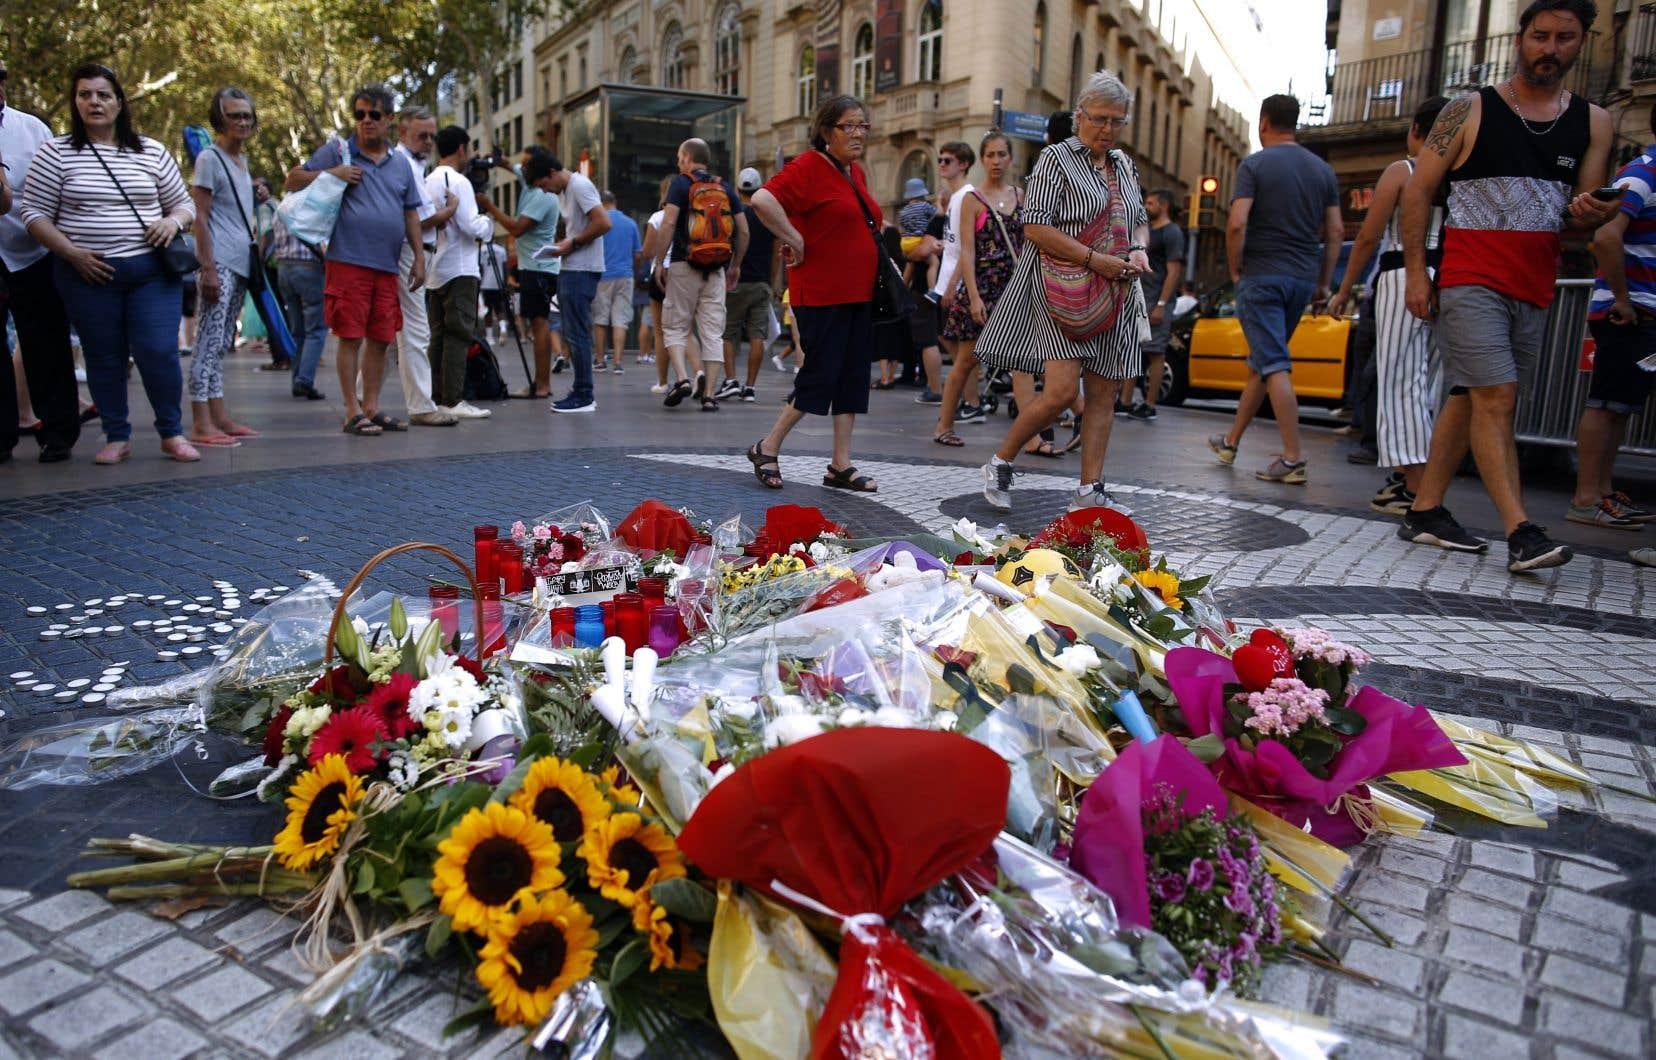 Des passants se recueillent sur les Ramblas à proximité d'un amas de fleurs, bougies et messages commémorant les attentats de Barcelone, le 17 août 2017.